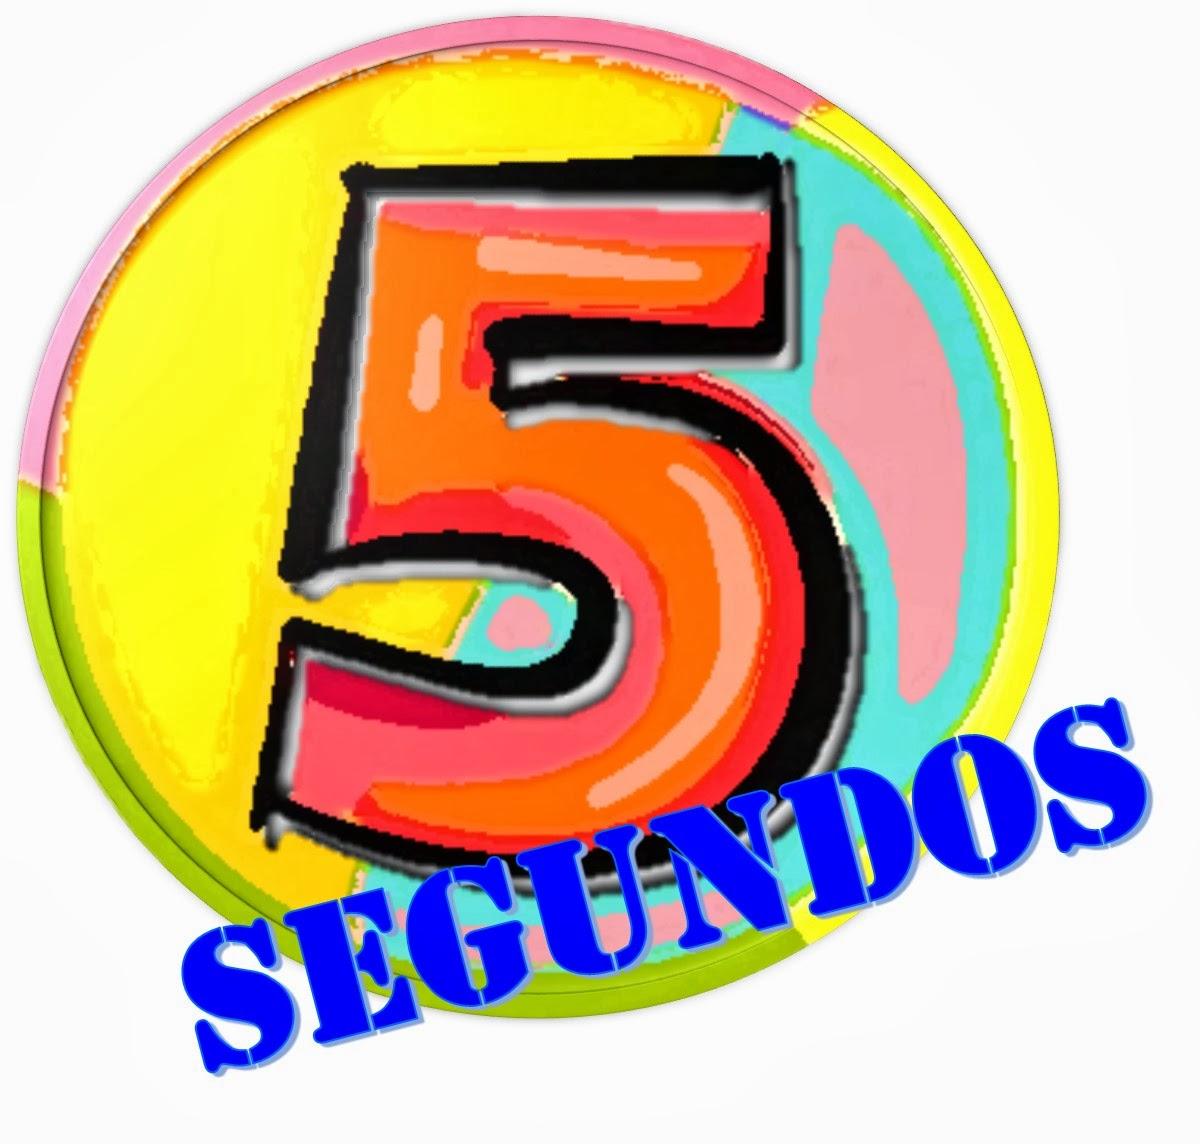 @segundos_5